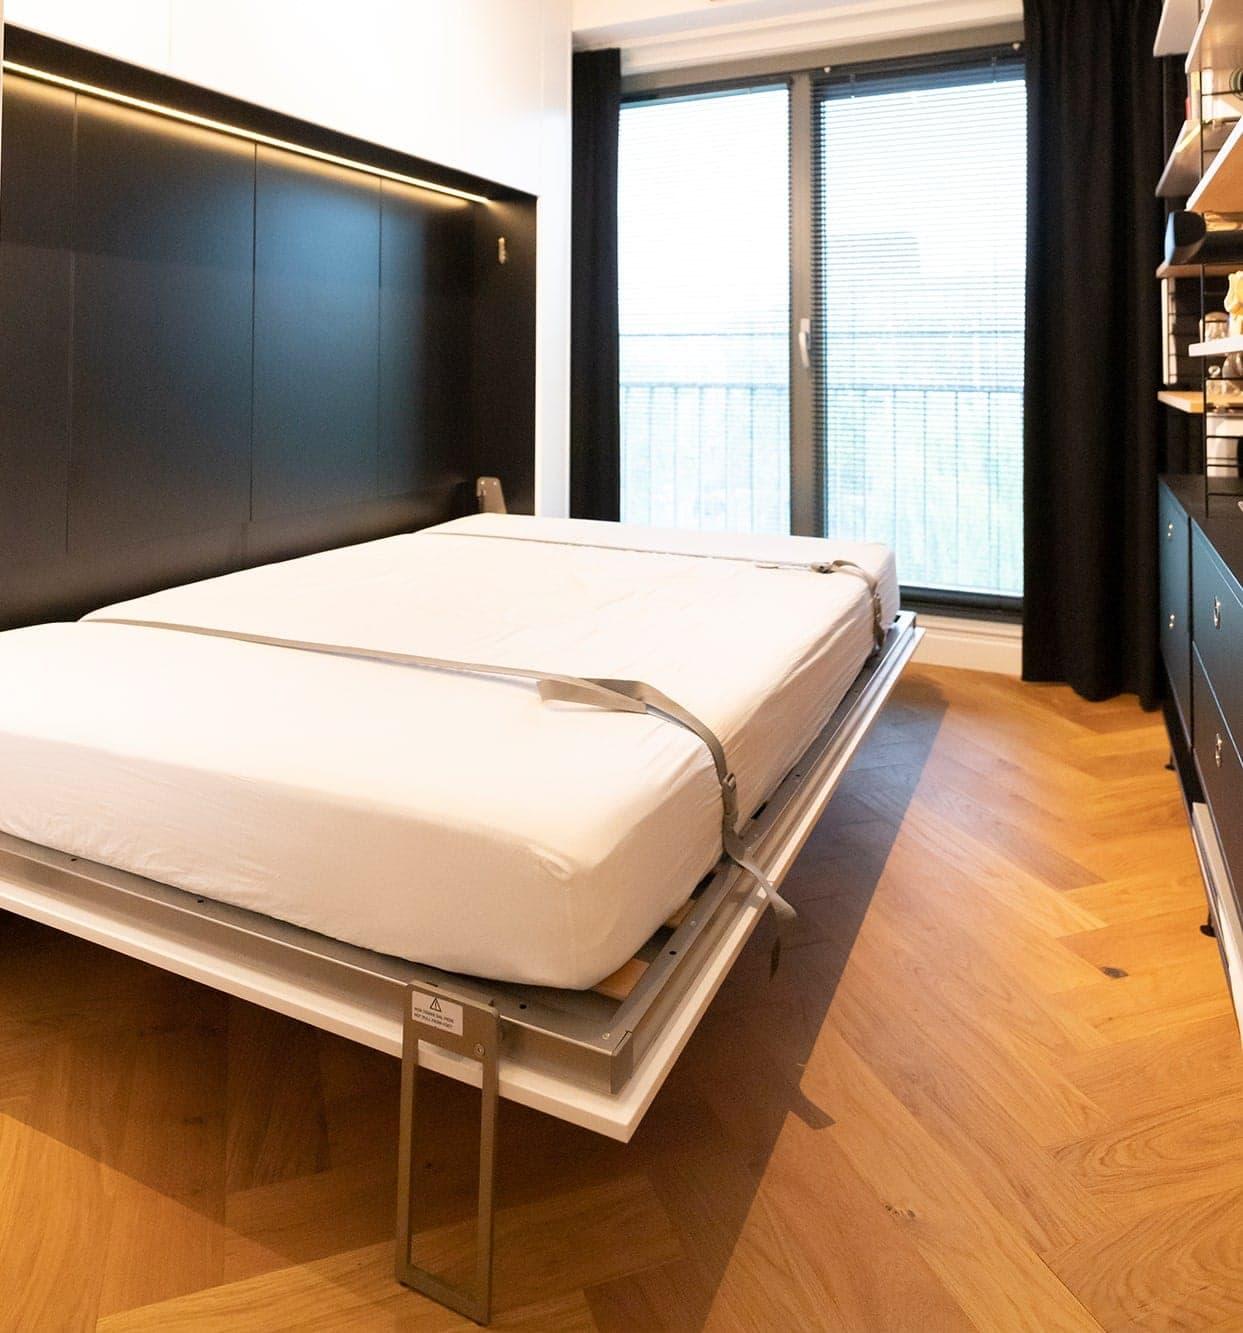 Atelier19 Inklapbed Kast Op Maat gemaakt door interieurbouwer Schiedam